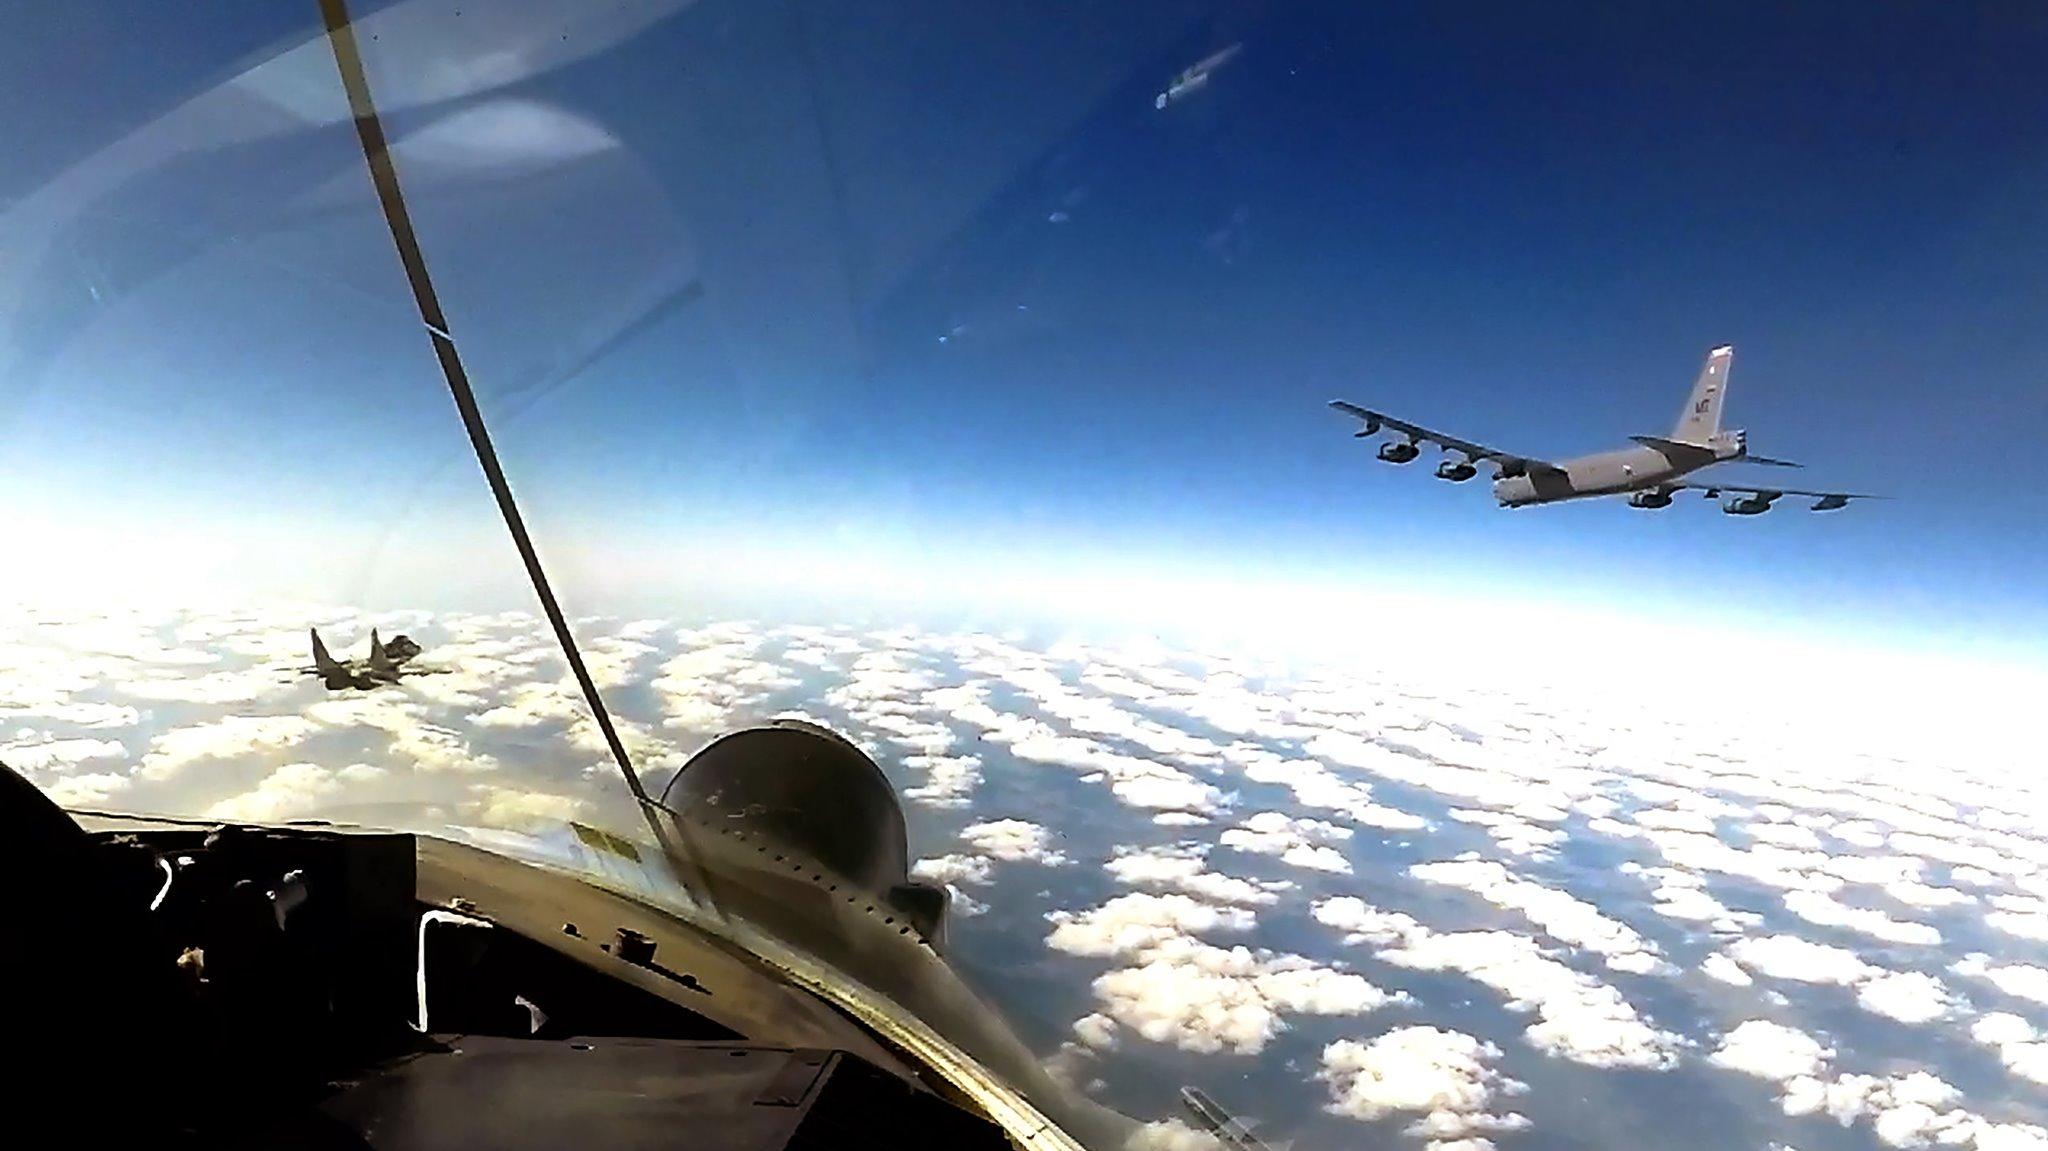 Полёты бомбардировщиков США над Чёрным морем будут регулярными, - ВСУ